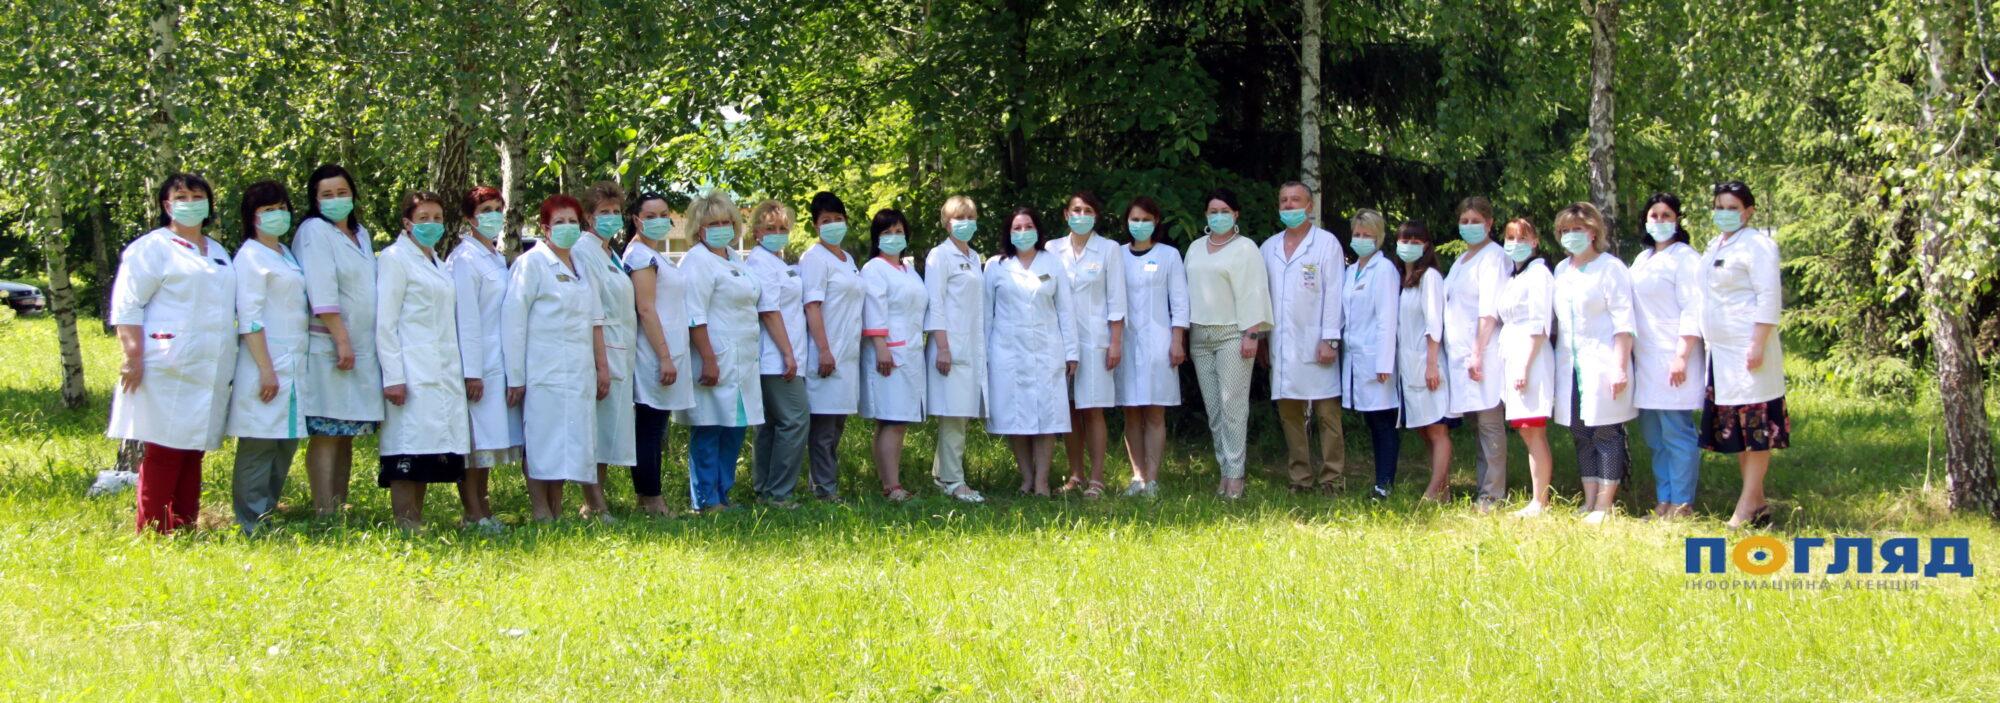 Коронавірус на Васильківщині: інтерв'ю з головним лікарем (частина І) - коронавірус - IMG 5104 2000x703